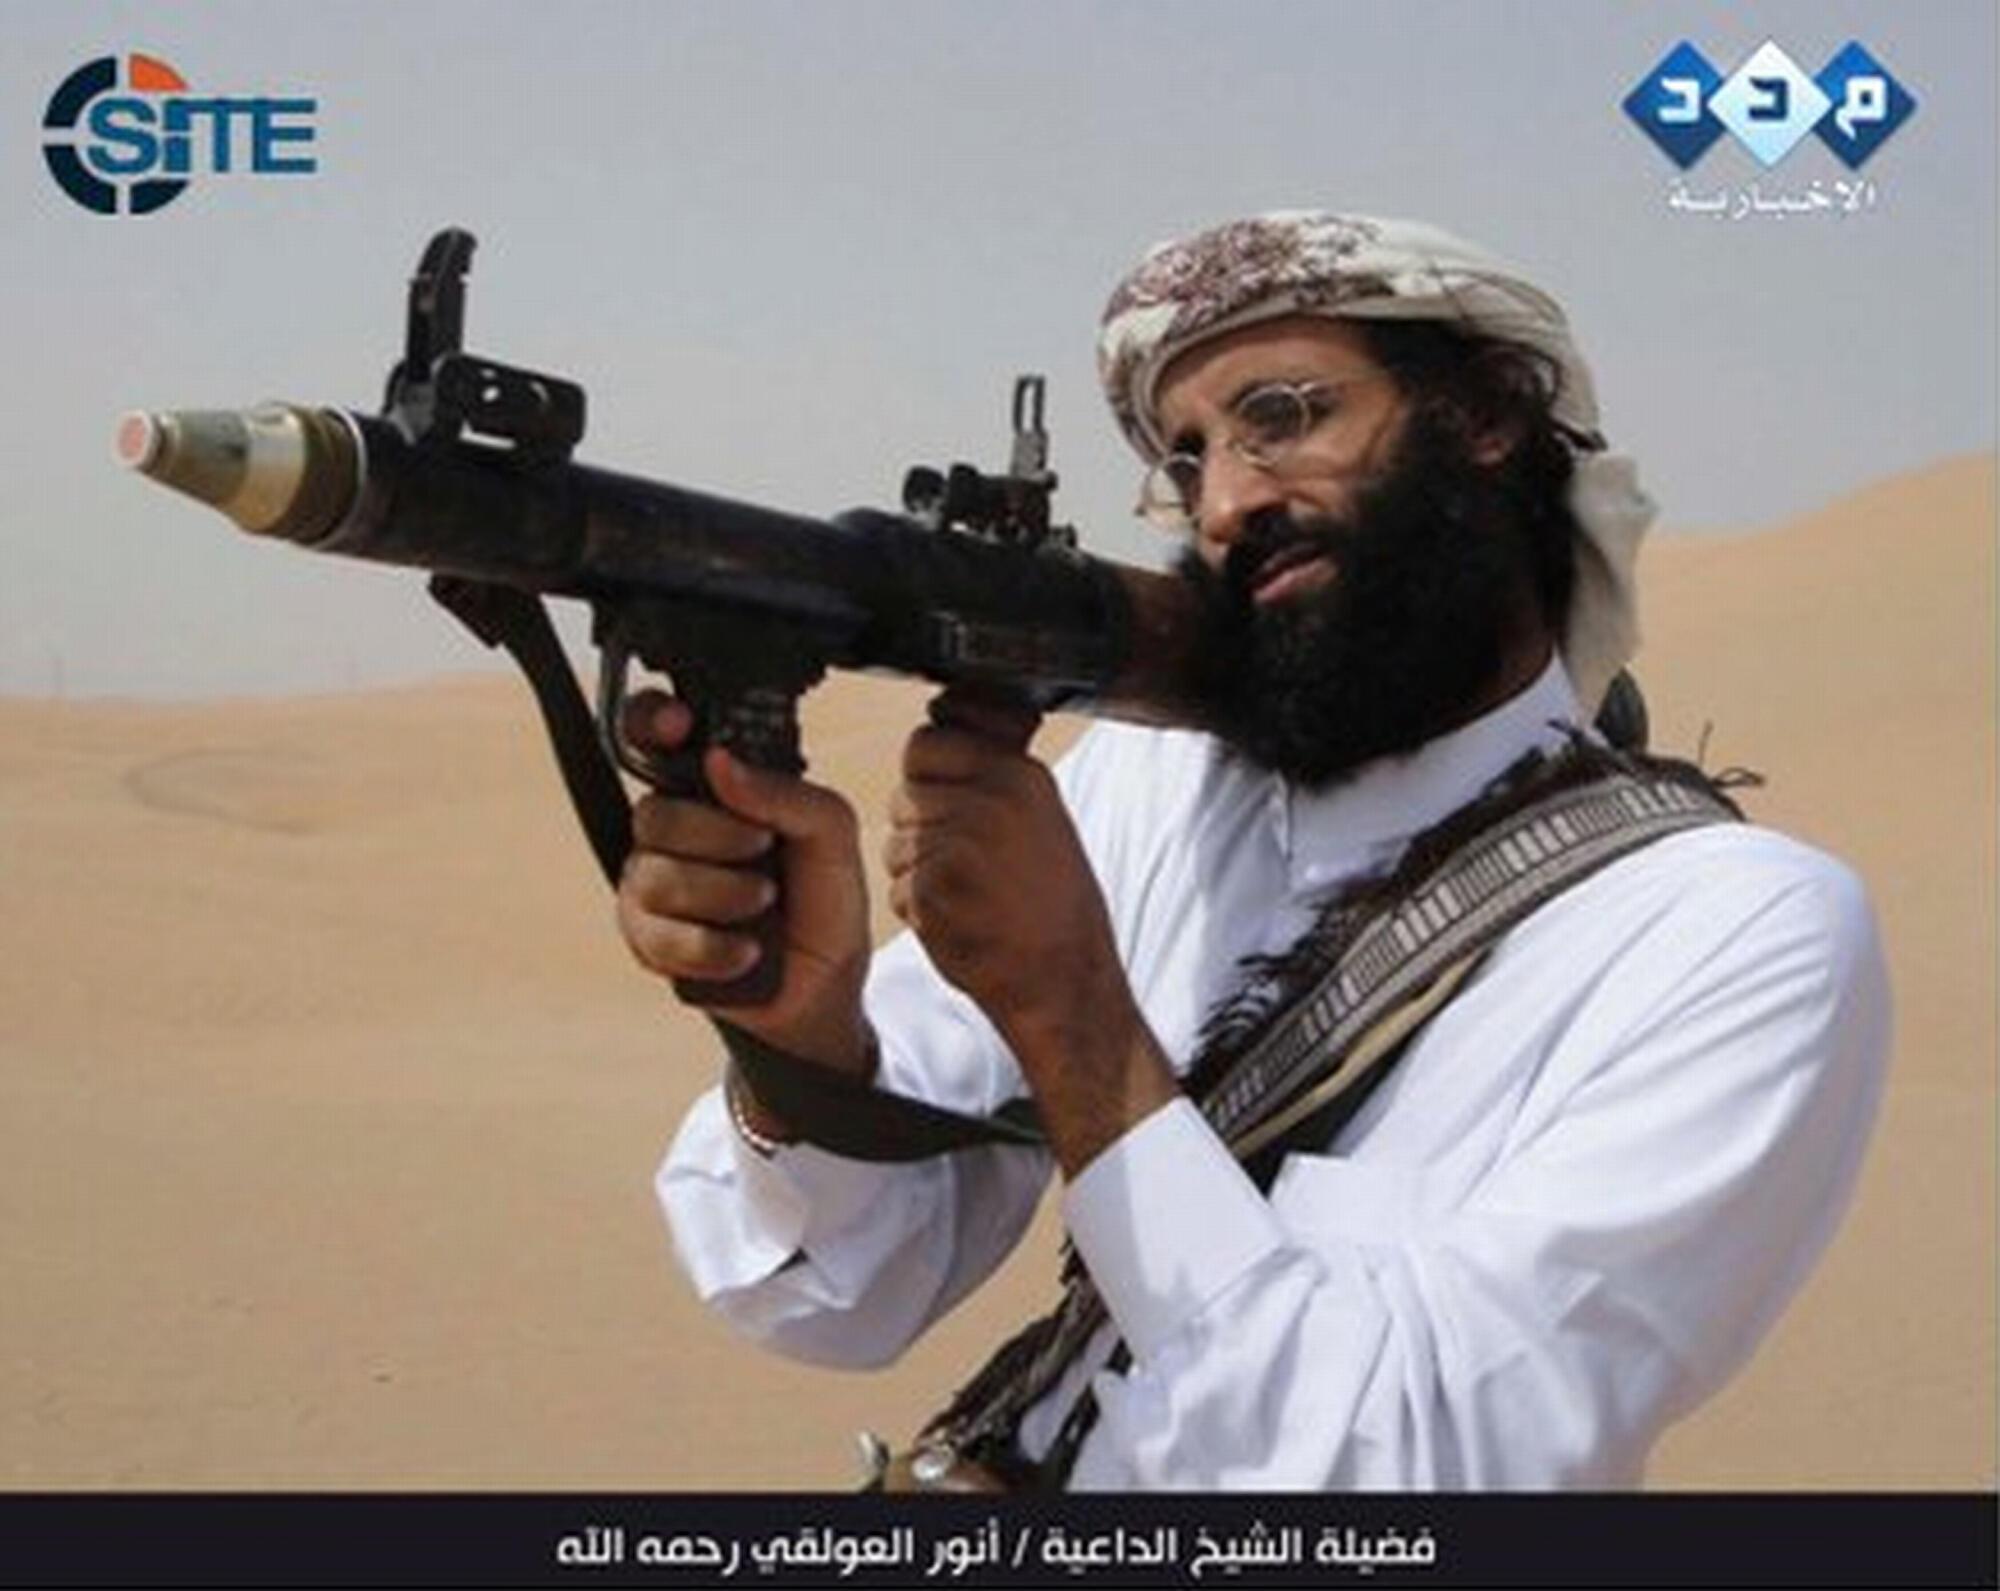 Anouar al-Awlaki, được coi là một thủ lĩnh tinh thần của AQPA, trong một video do SITE cung cấp. Anouar al-Awlaki bị Hoa Kỳ bắn hạ hồi tháng 9/2011.